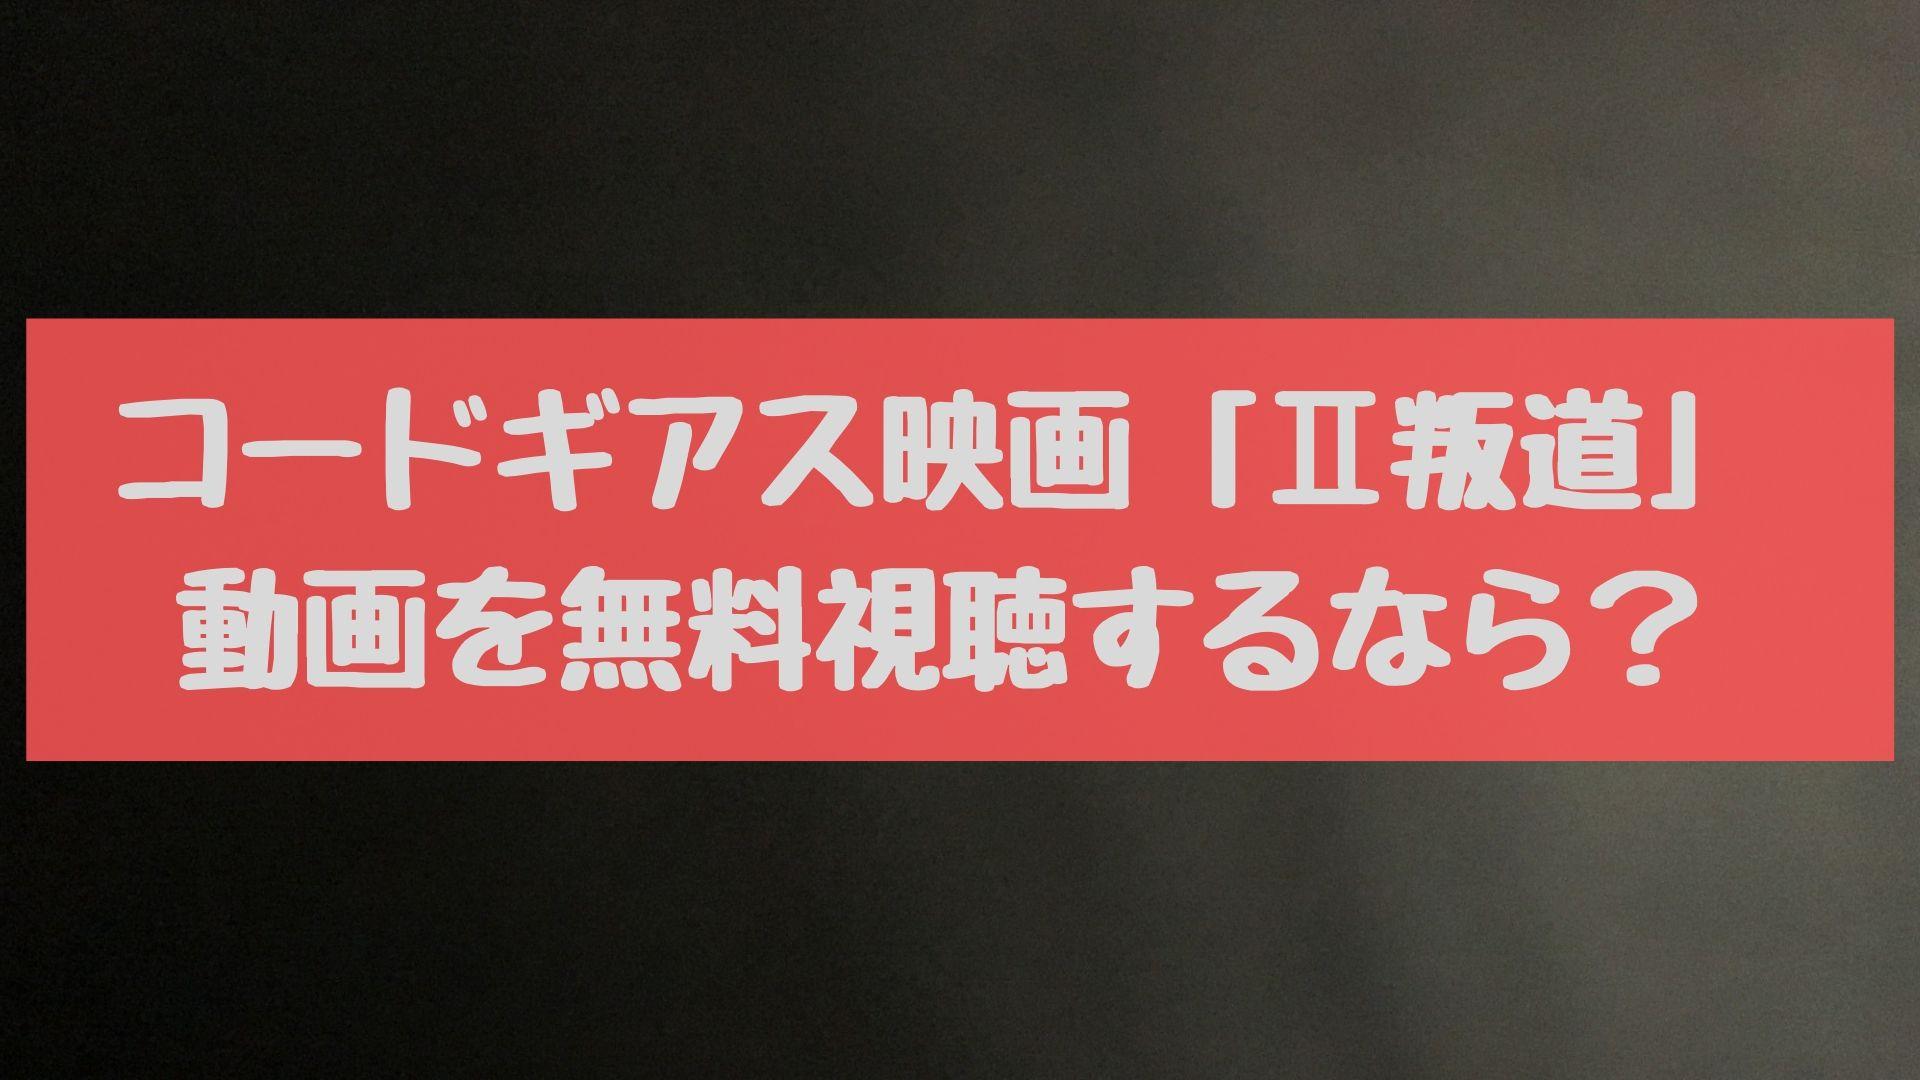 コードギアス映画「Ⅱ叛道」の動画を無料視聴【Anitube・B9・アニポより便利】